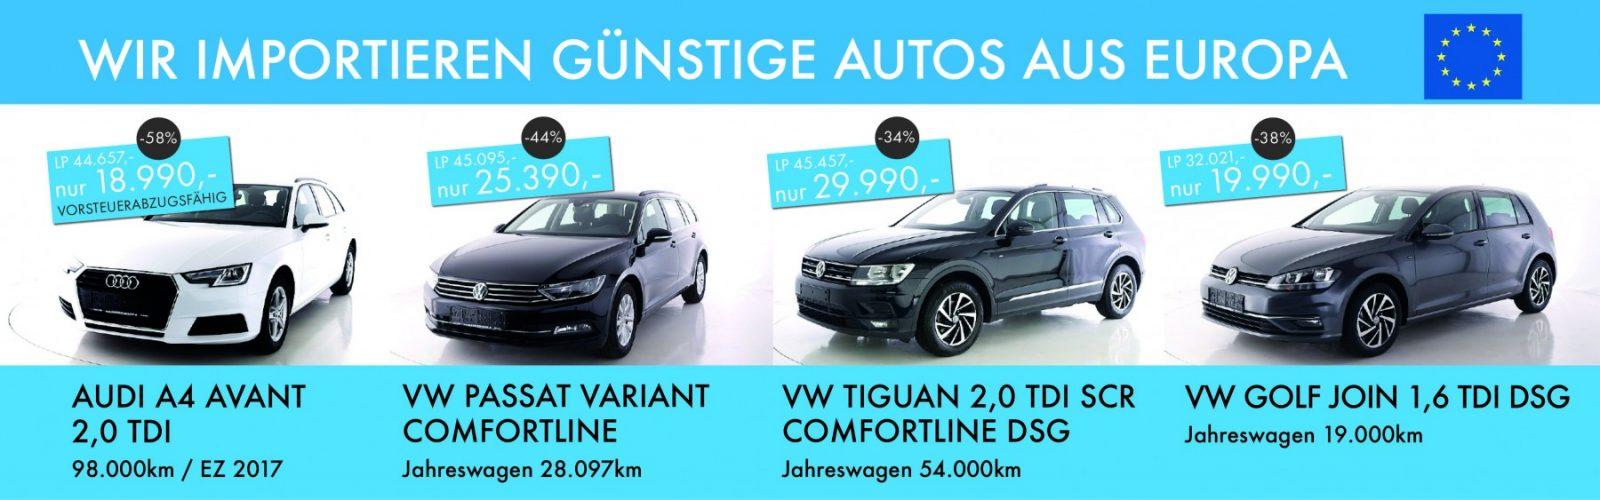 AUdi VW Okt 2020 bei Ing. Günther Baschinger GmbH in